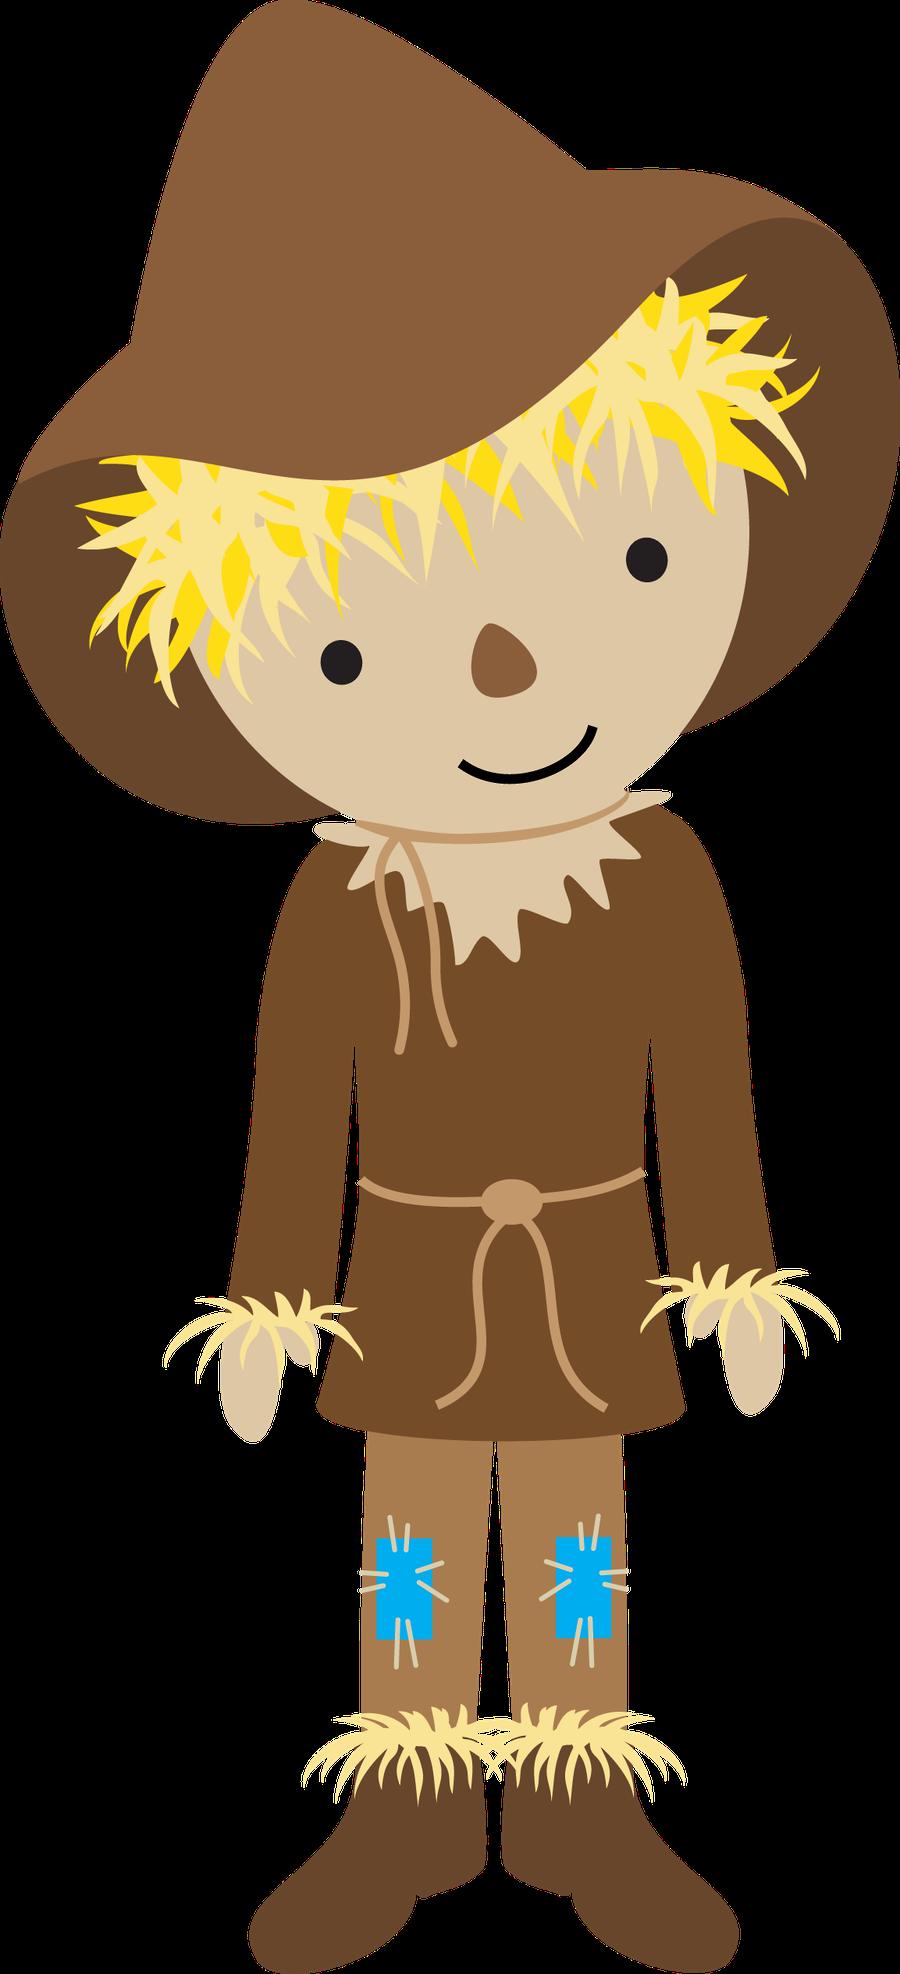 Scarecrow clipart strawman. Lion wizard oz free